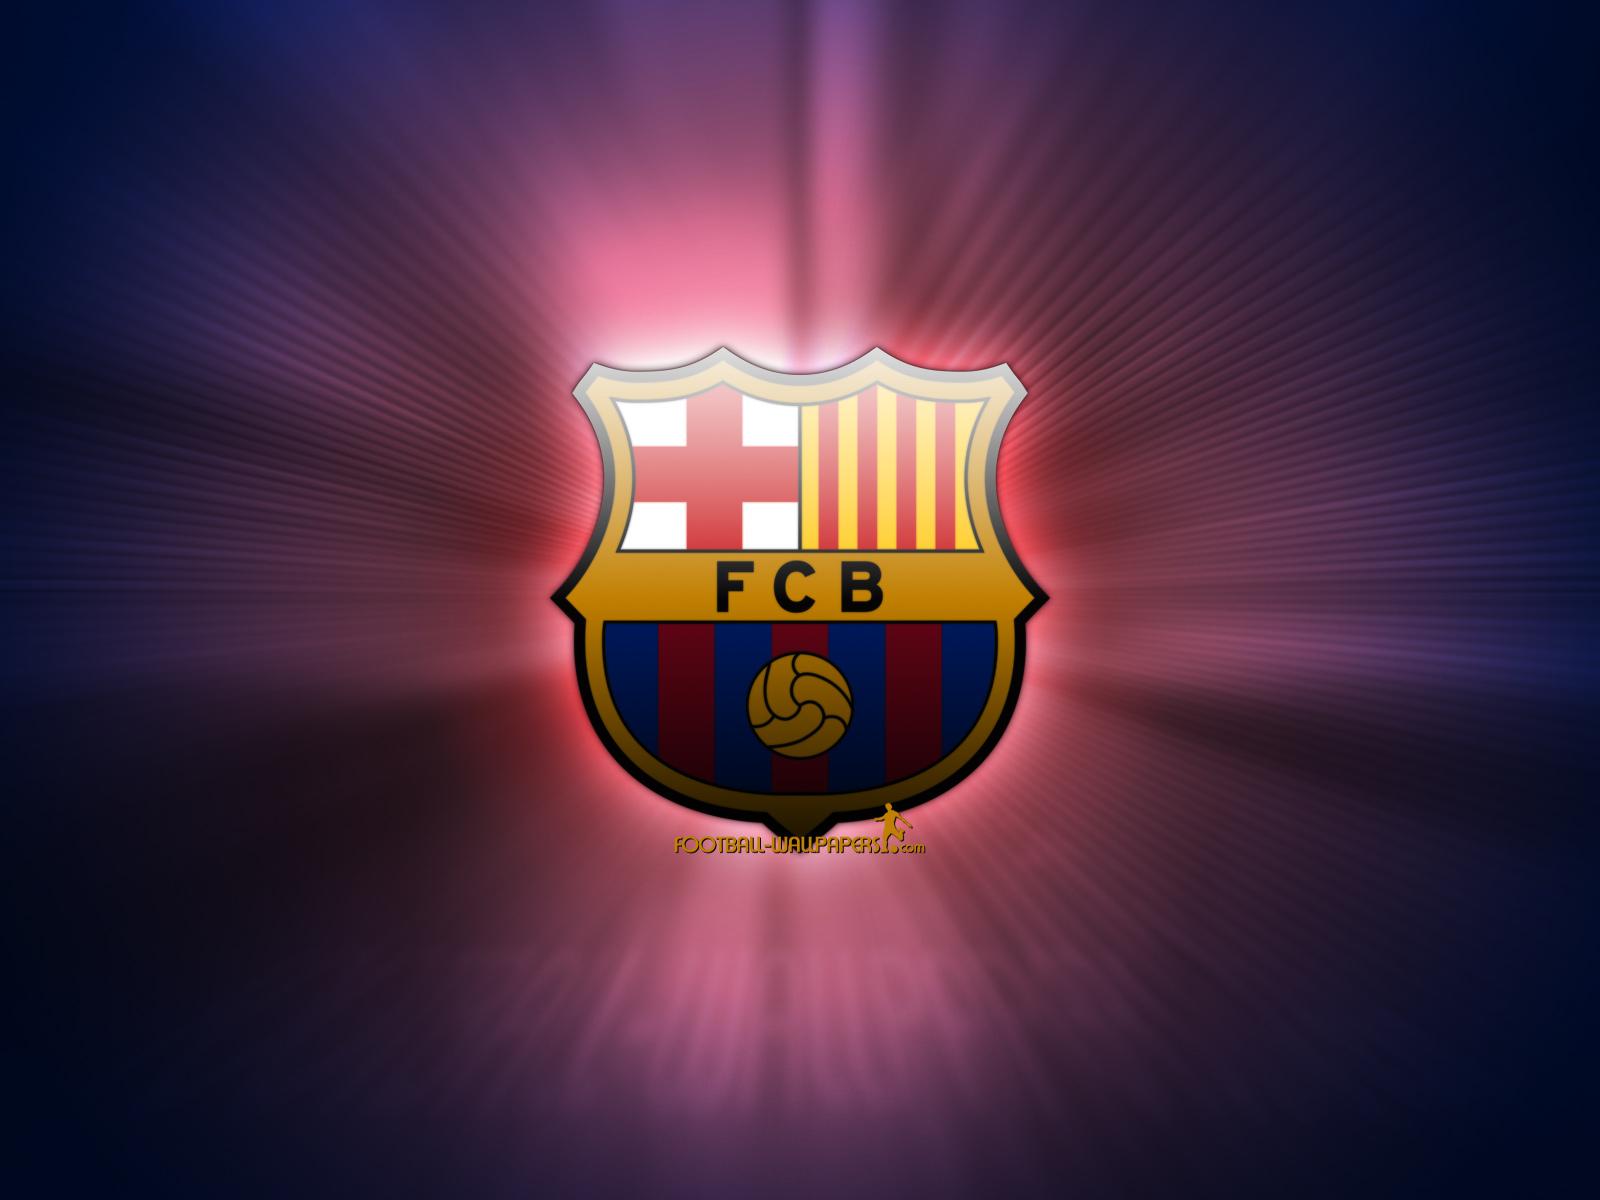 http://3.bp.blogspot.com/-0SNzw2D6Jyc/TdyInUIdbuI/AAAAAAAAAEQ/ENSJdbuINcI/s1600/o_f_c_barcelona_fondos-294946.jpg